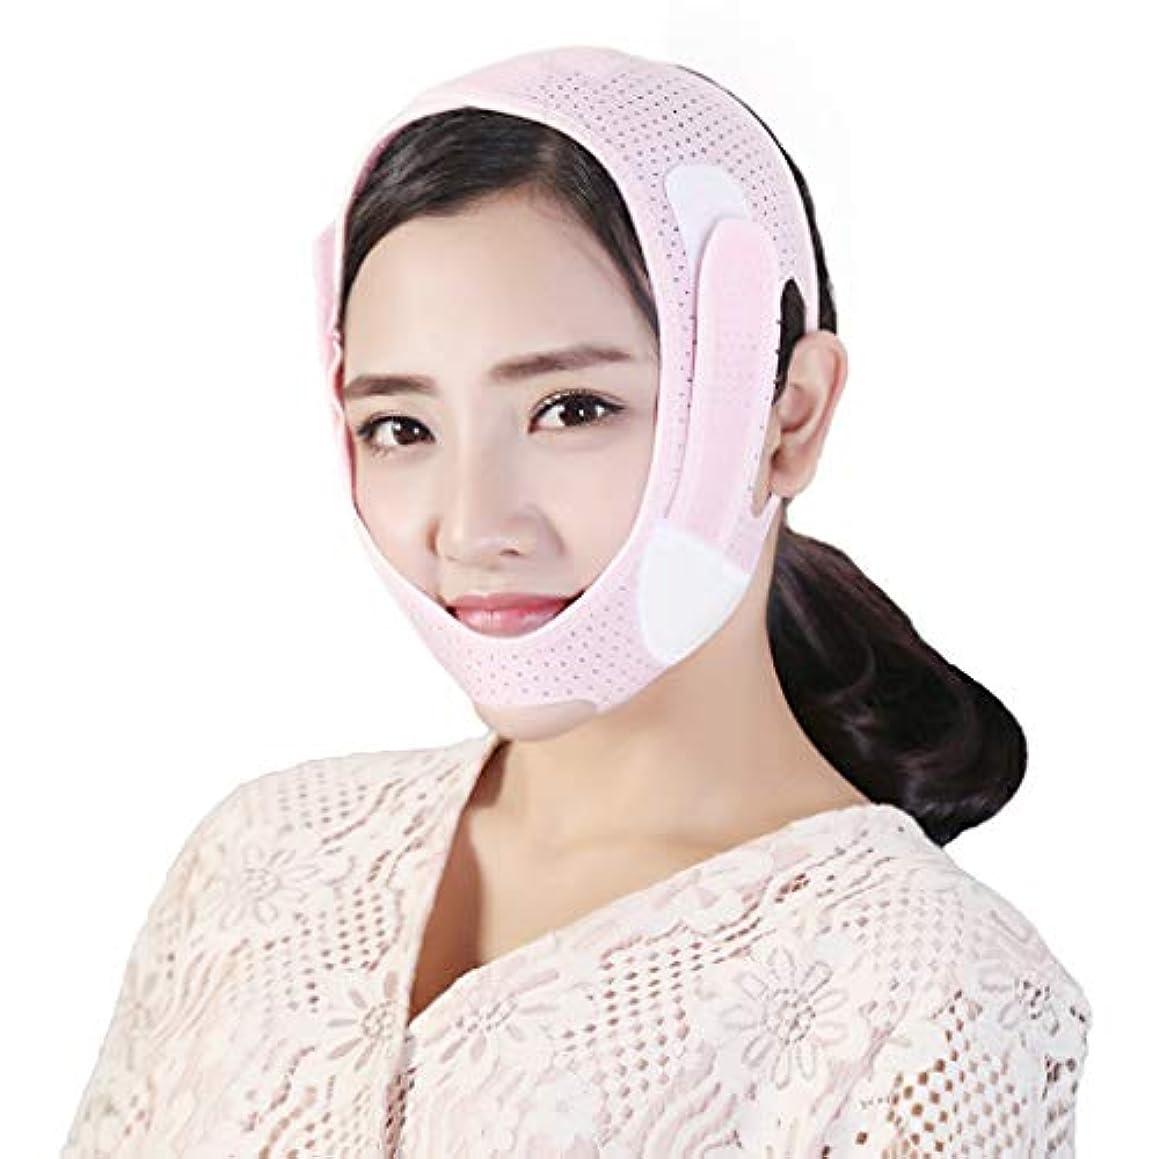 ハッピー寄付する道徳教育減量マスク薄い顔のマスクV顔の薄い顔の咬筋ダブル顎の包帯睡眠マスクの通気性